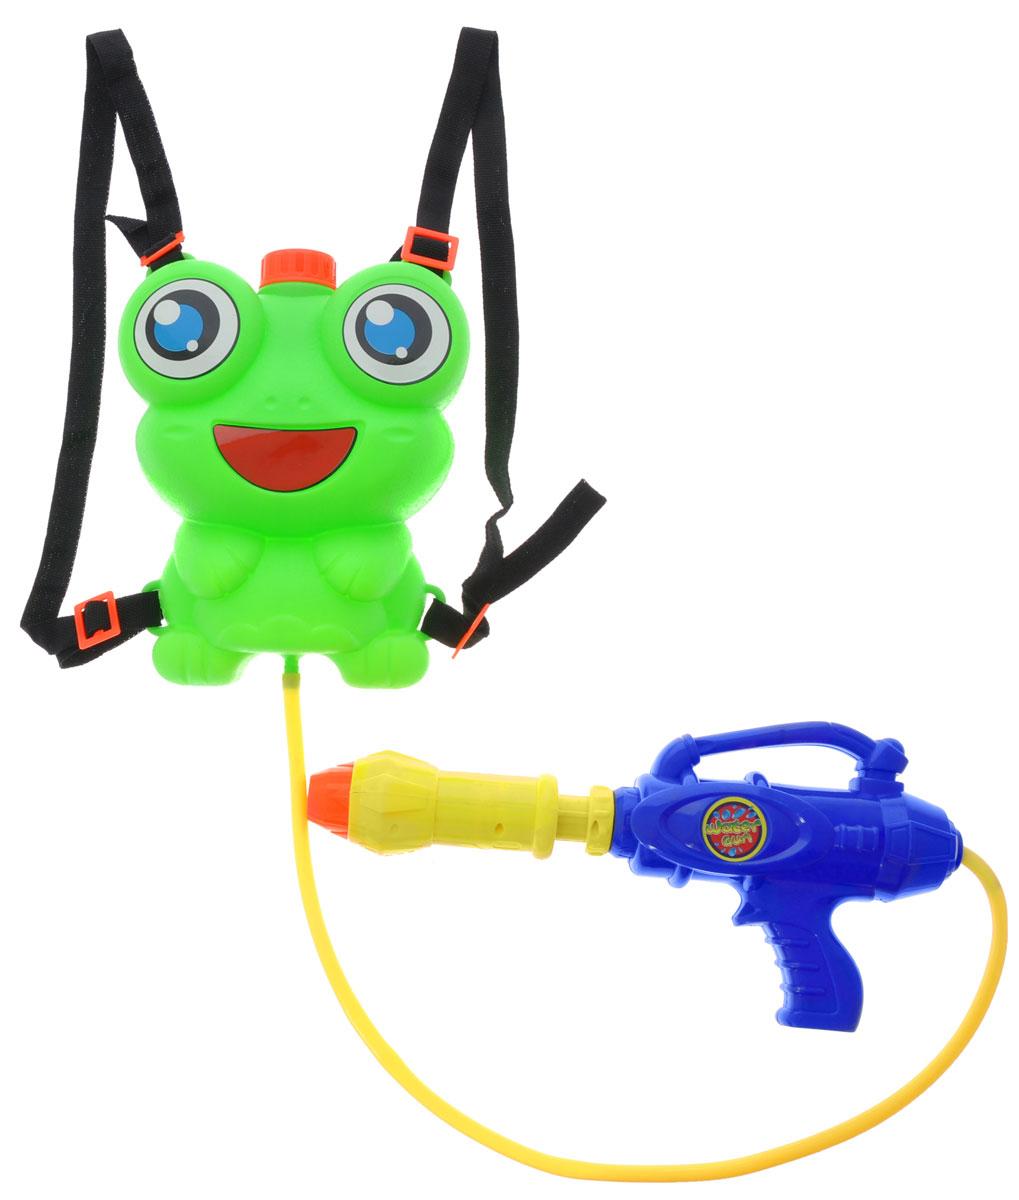 Bebelot Водный автомат Водомет с ранцем-лягушонком цвет зеленый синий желтый